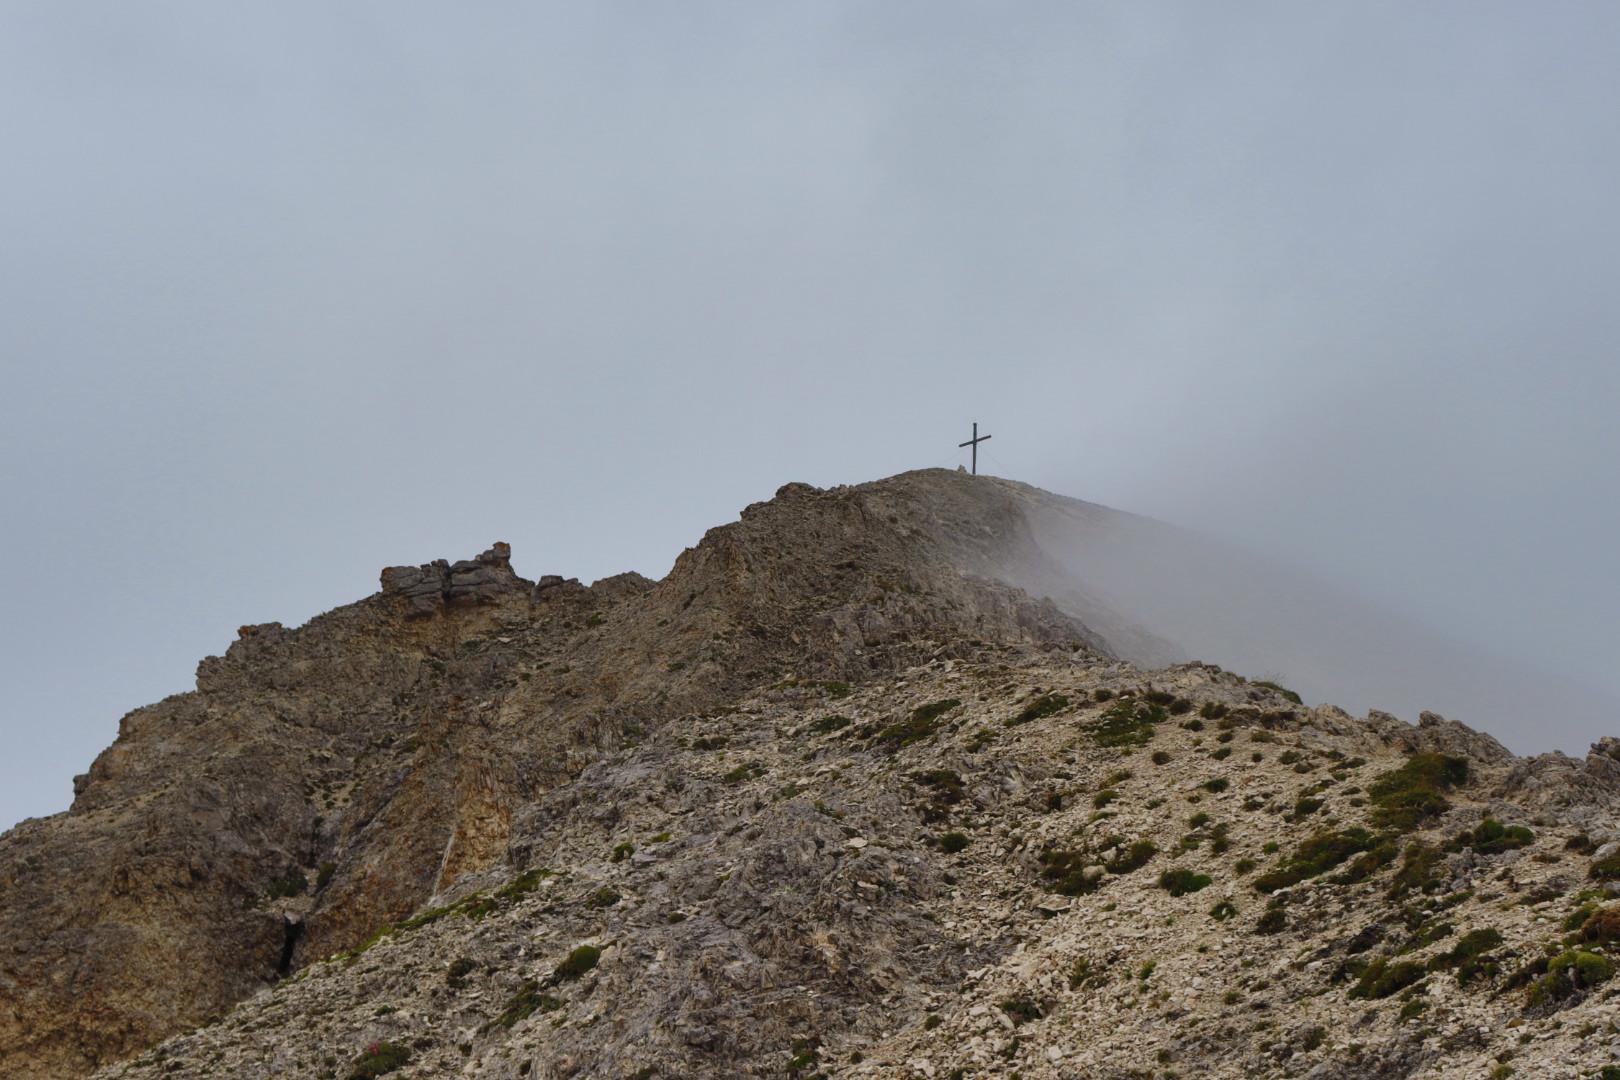 Tullen, close to the peak